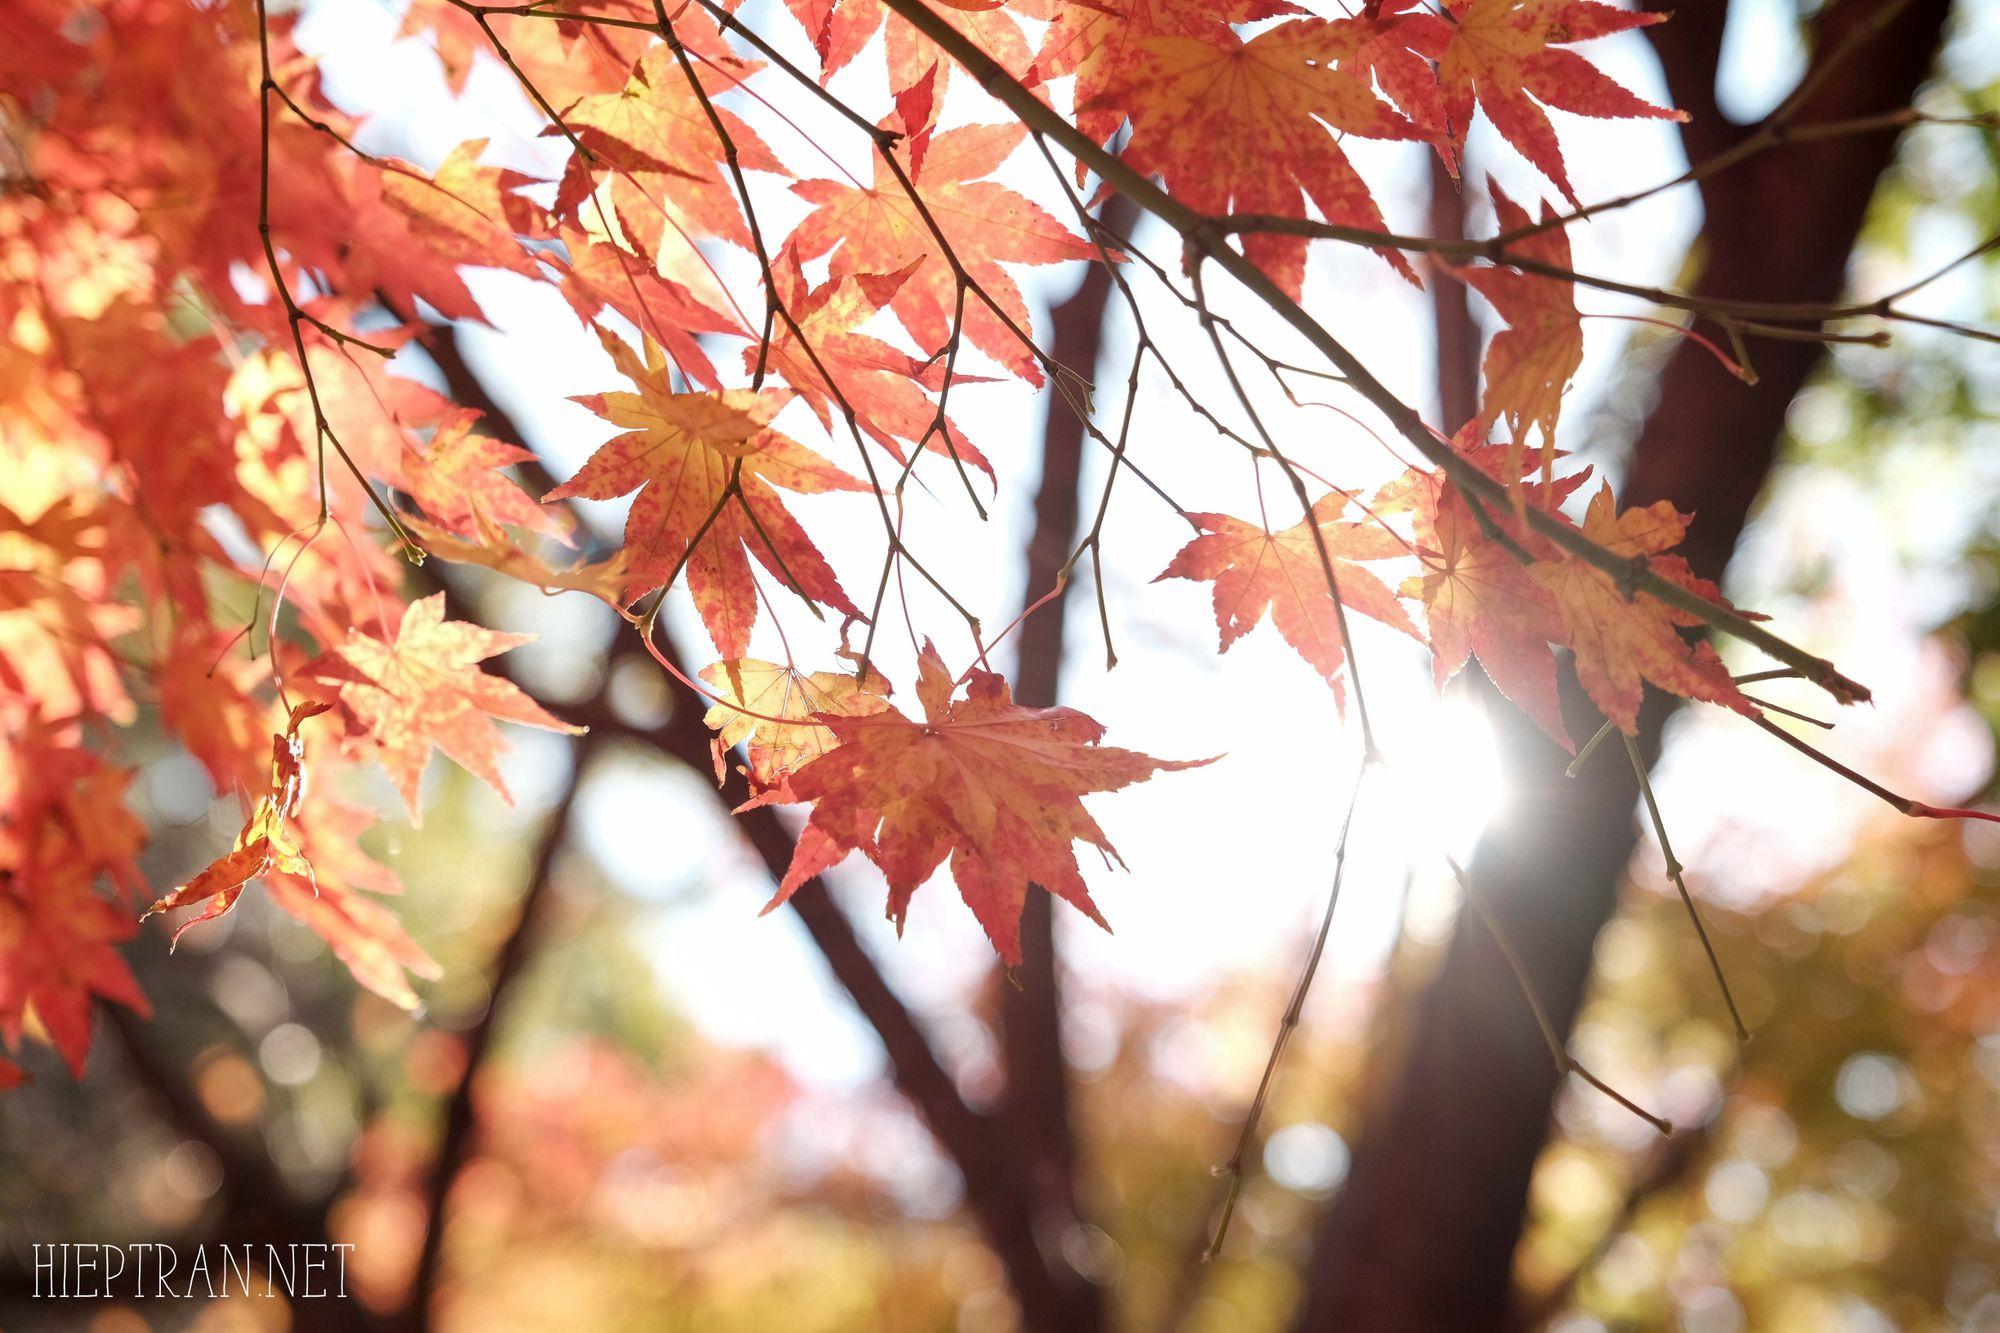 Mùa thu vàng Hàn Quốc ở công viên Naejangsan - Địa điểm ngắm mùa thu Hàn Quốc